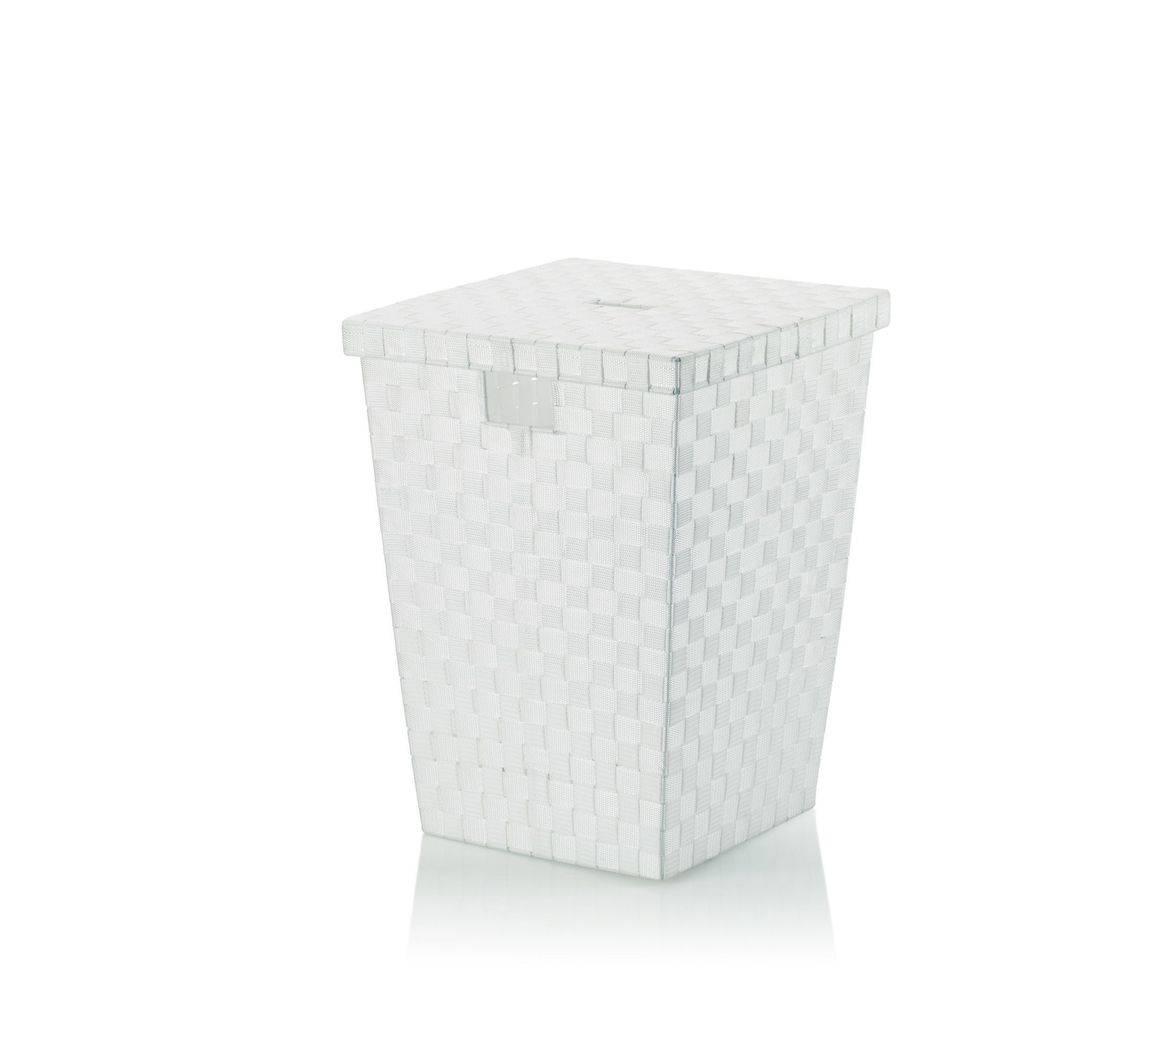 Koš na prádlo Alvaro bílý, 40x40x52cm KL-23071 - Kela + dárek k nákupu